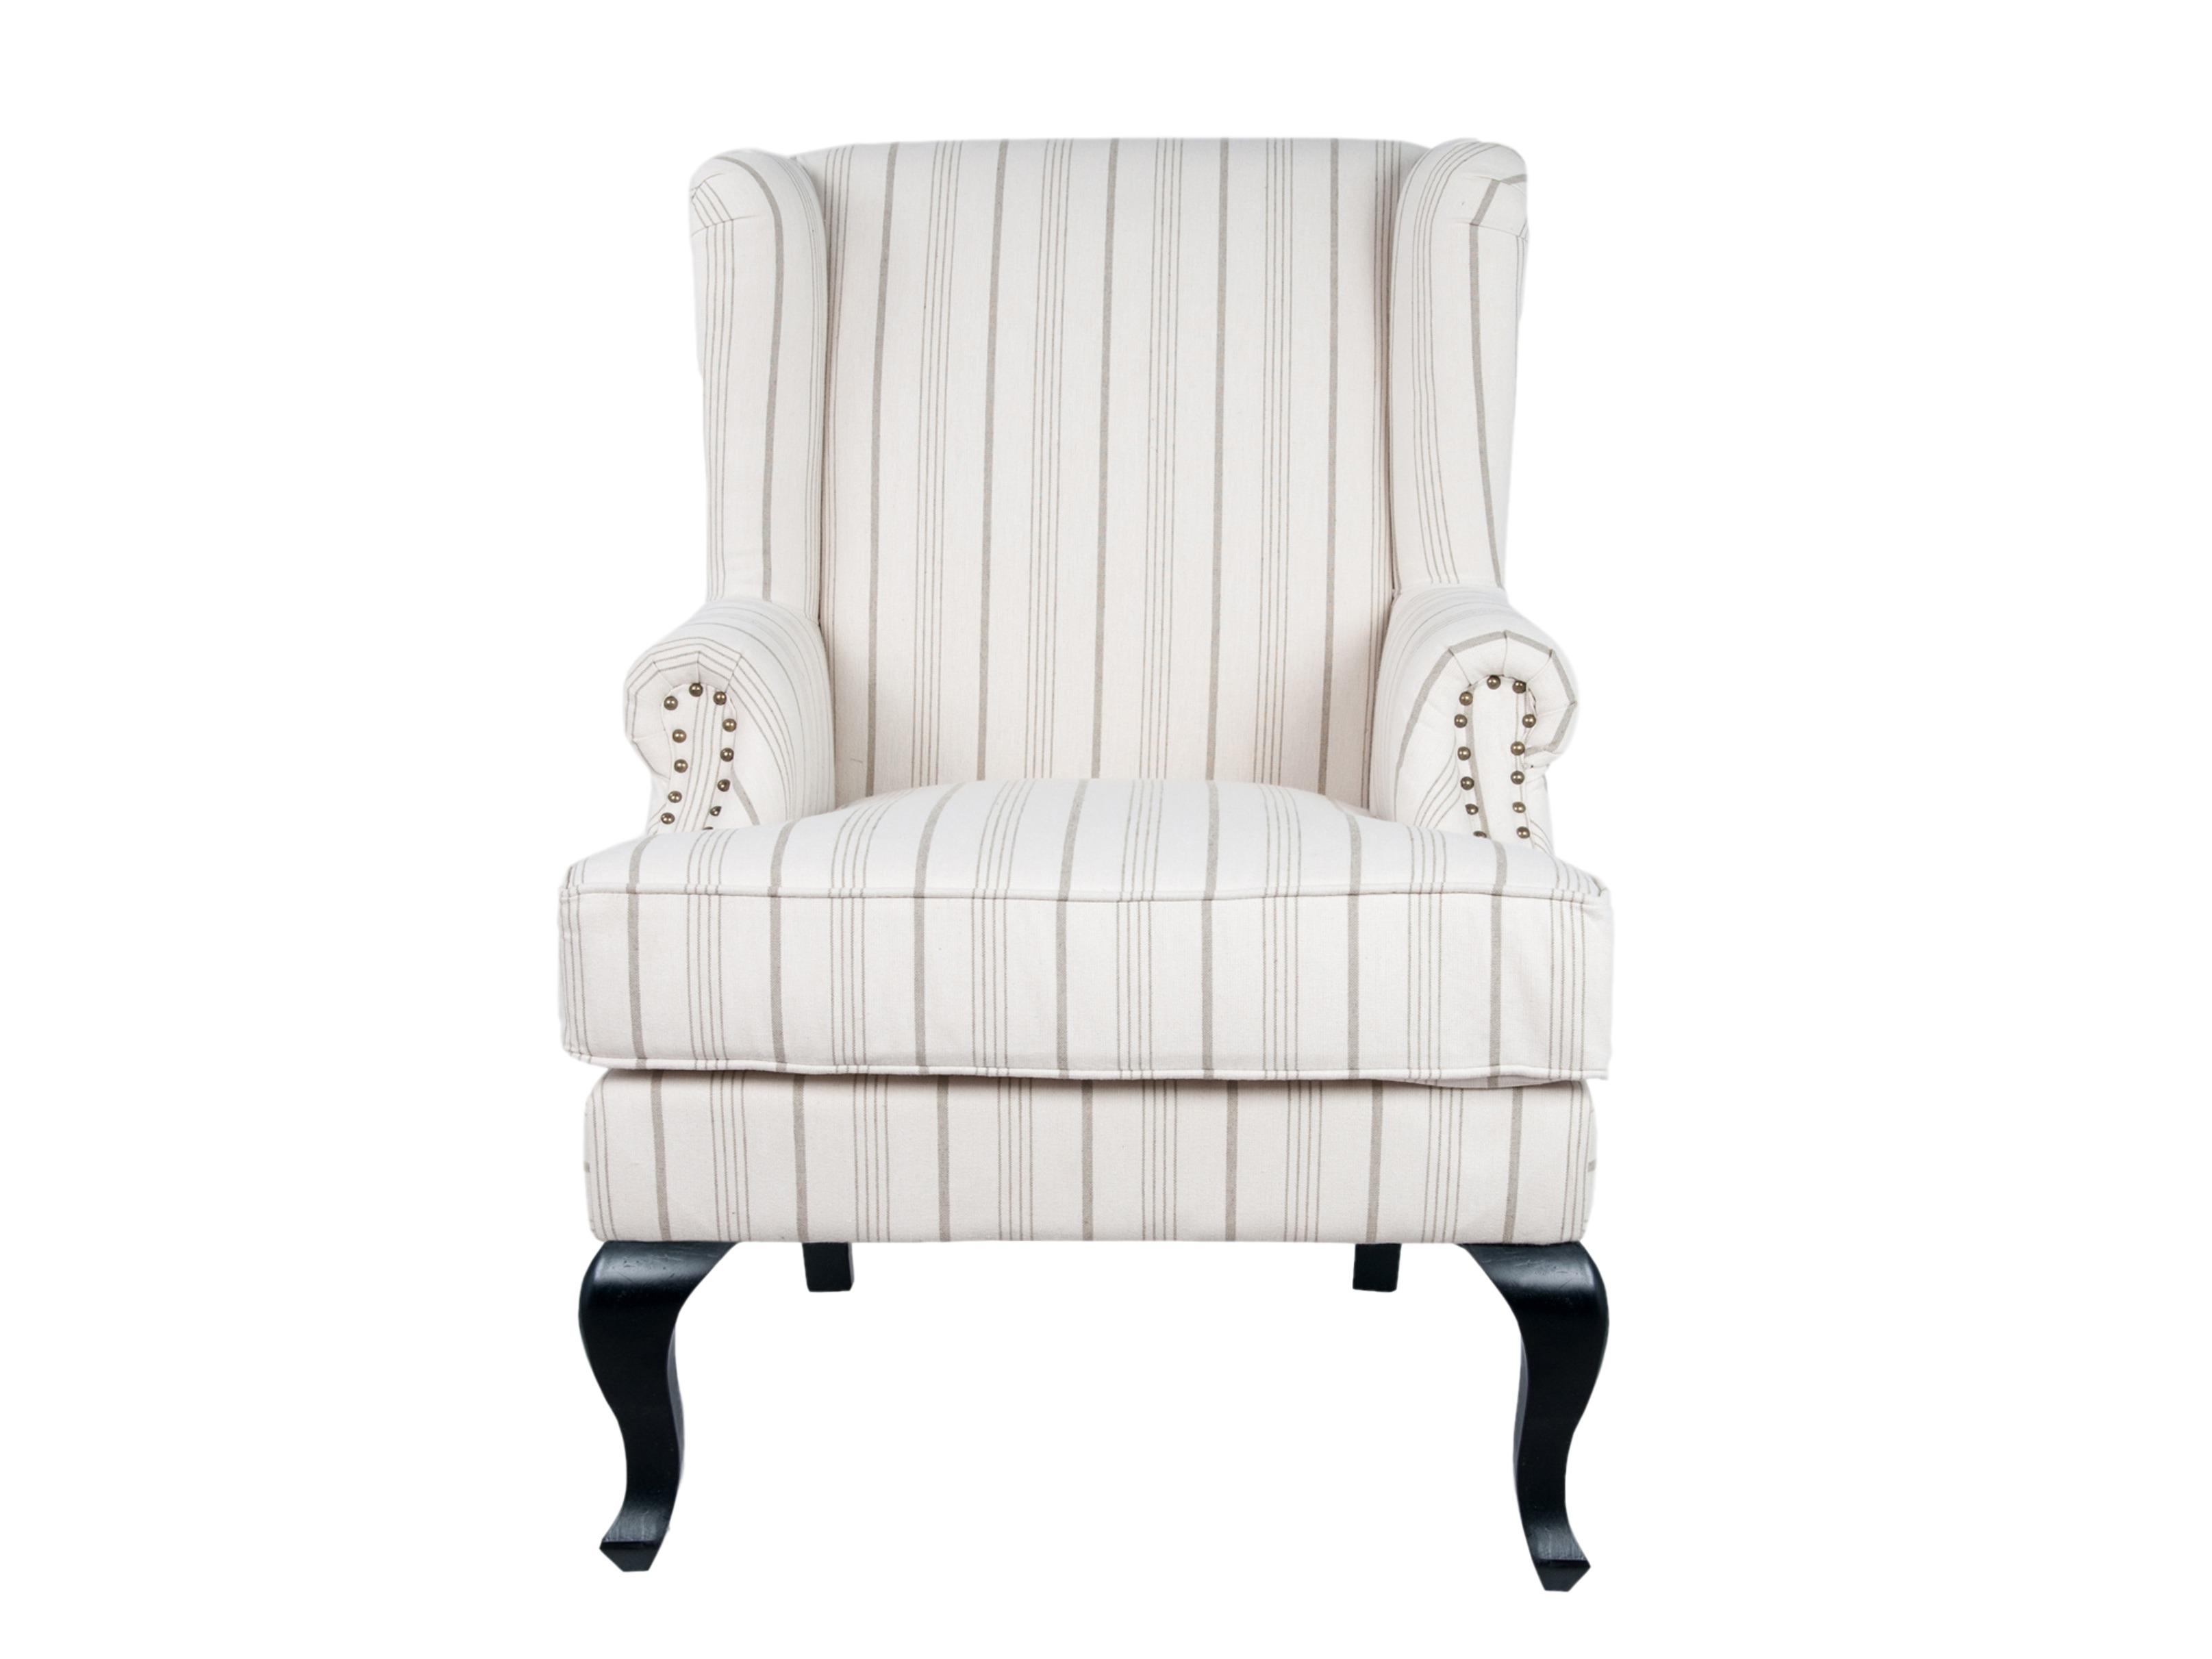 КреслоИнтерьерные кресла<br>Кресло Lekalo это типичный представитель классической традиционной мебели. Глубокое, удобное кресло с высокой спинкой и подлокотниками окутает Вас комфортом и уютом.<br><br>Material: Лен<br>Width см: 77<br>Depth см: 75<br>Height см: 111